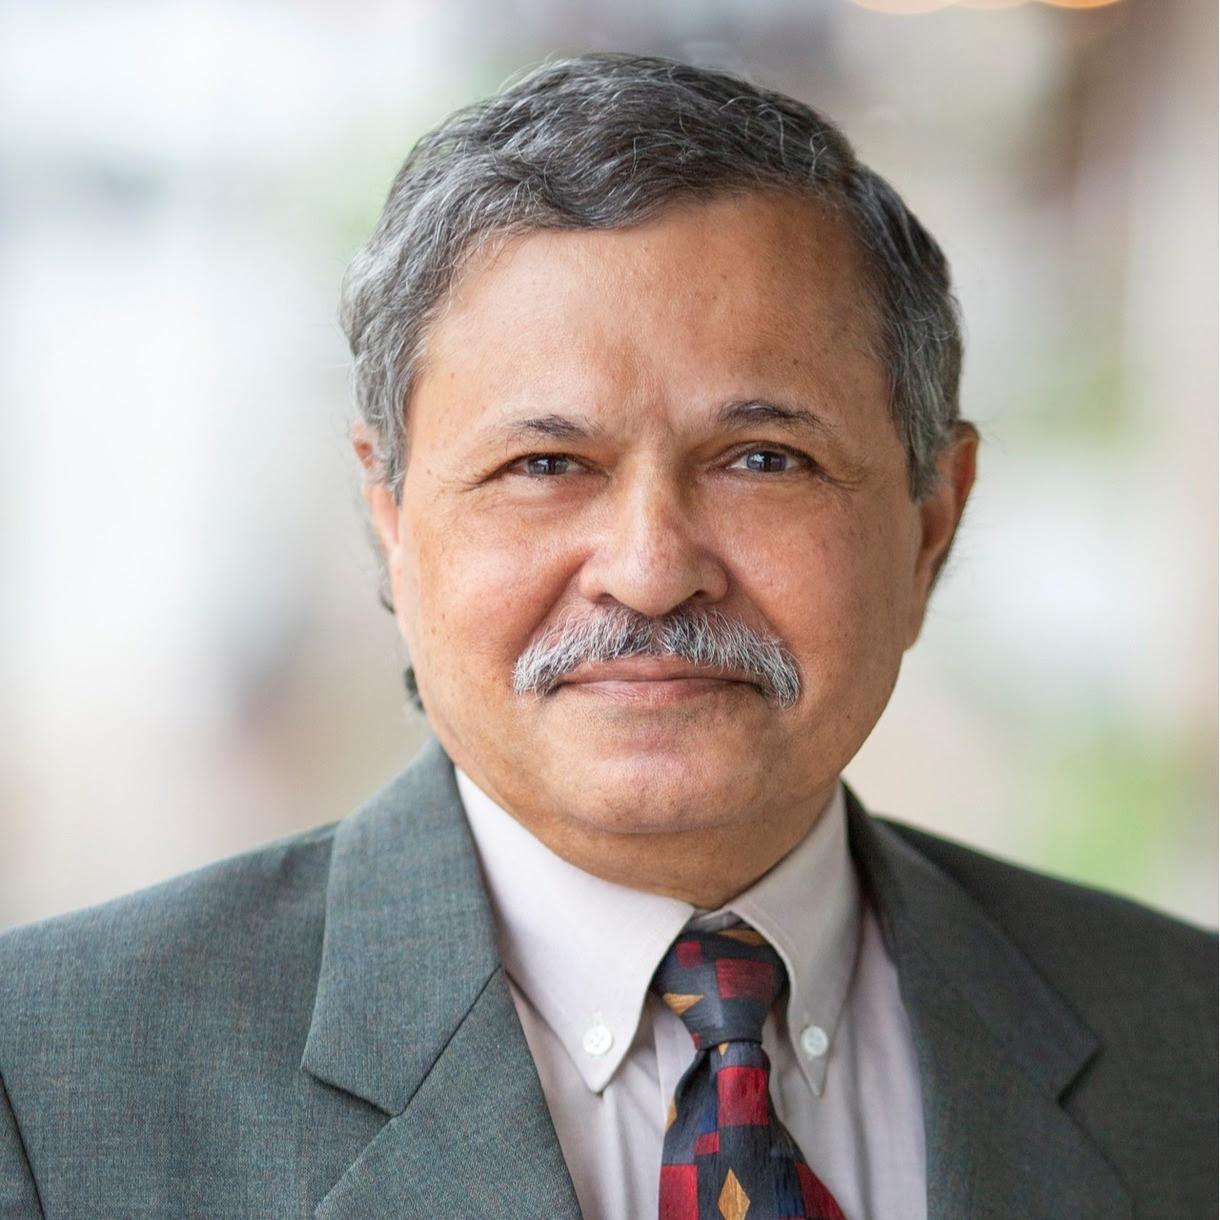 Dr. Utpal K. Goswami